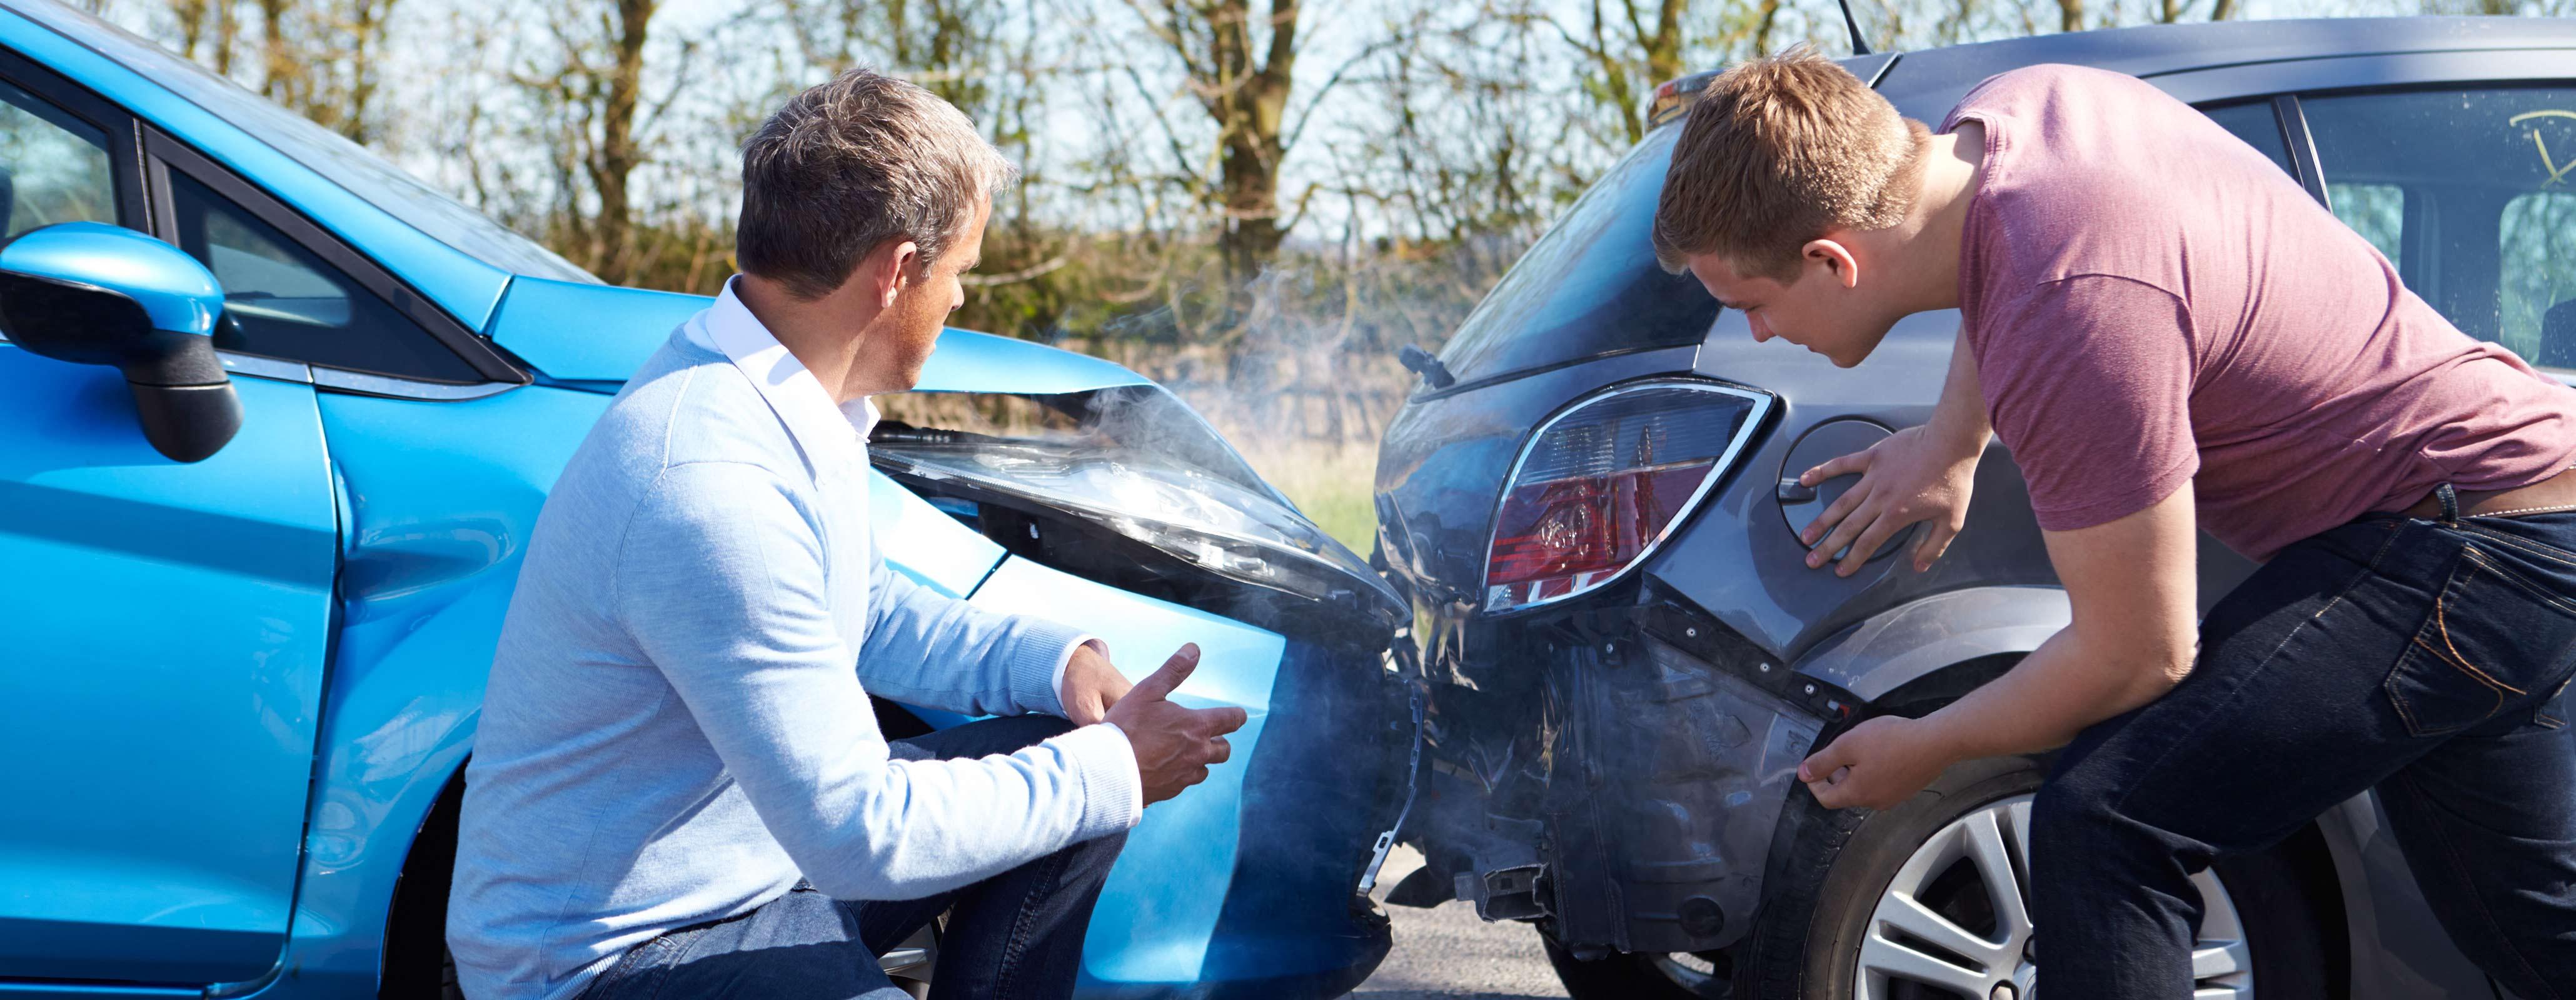 Wat te doen bij een aanrijding  met een WA verzekering?